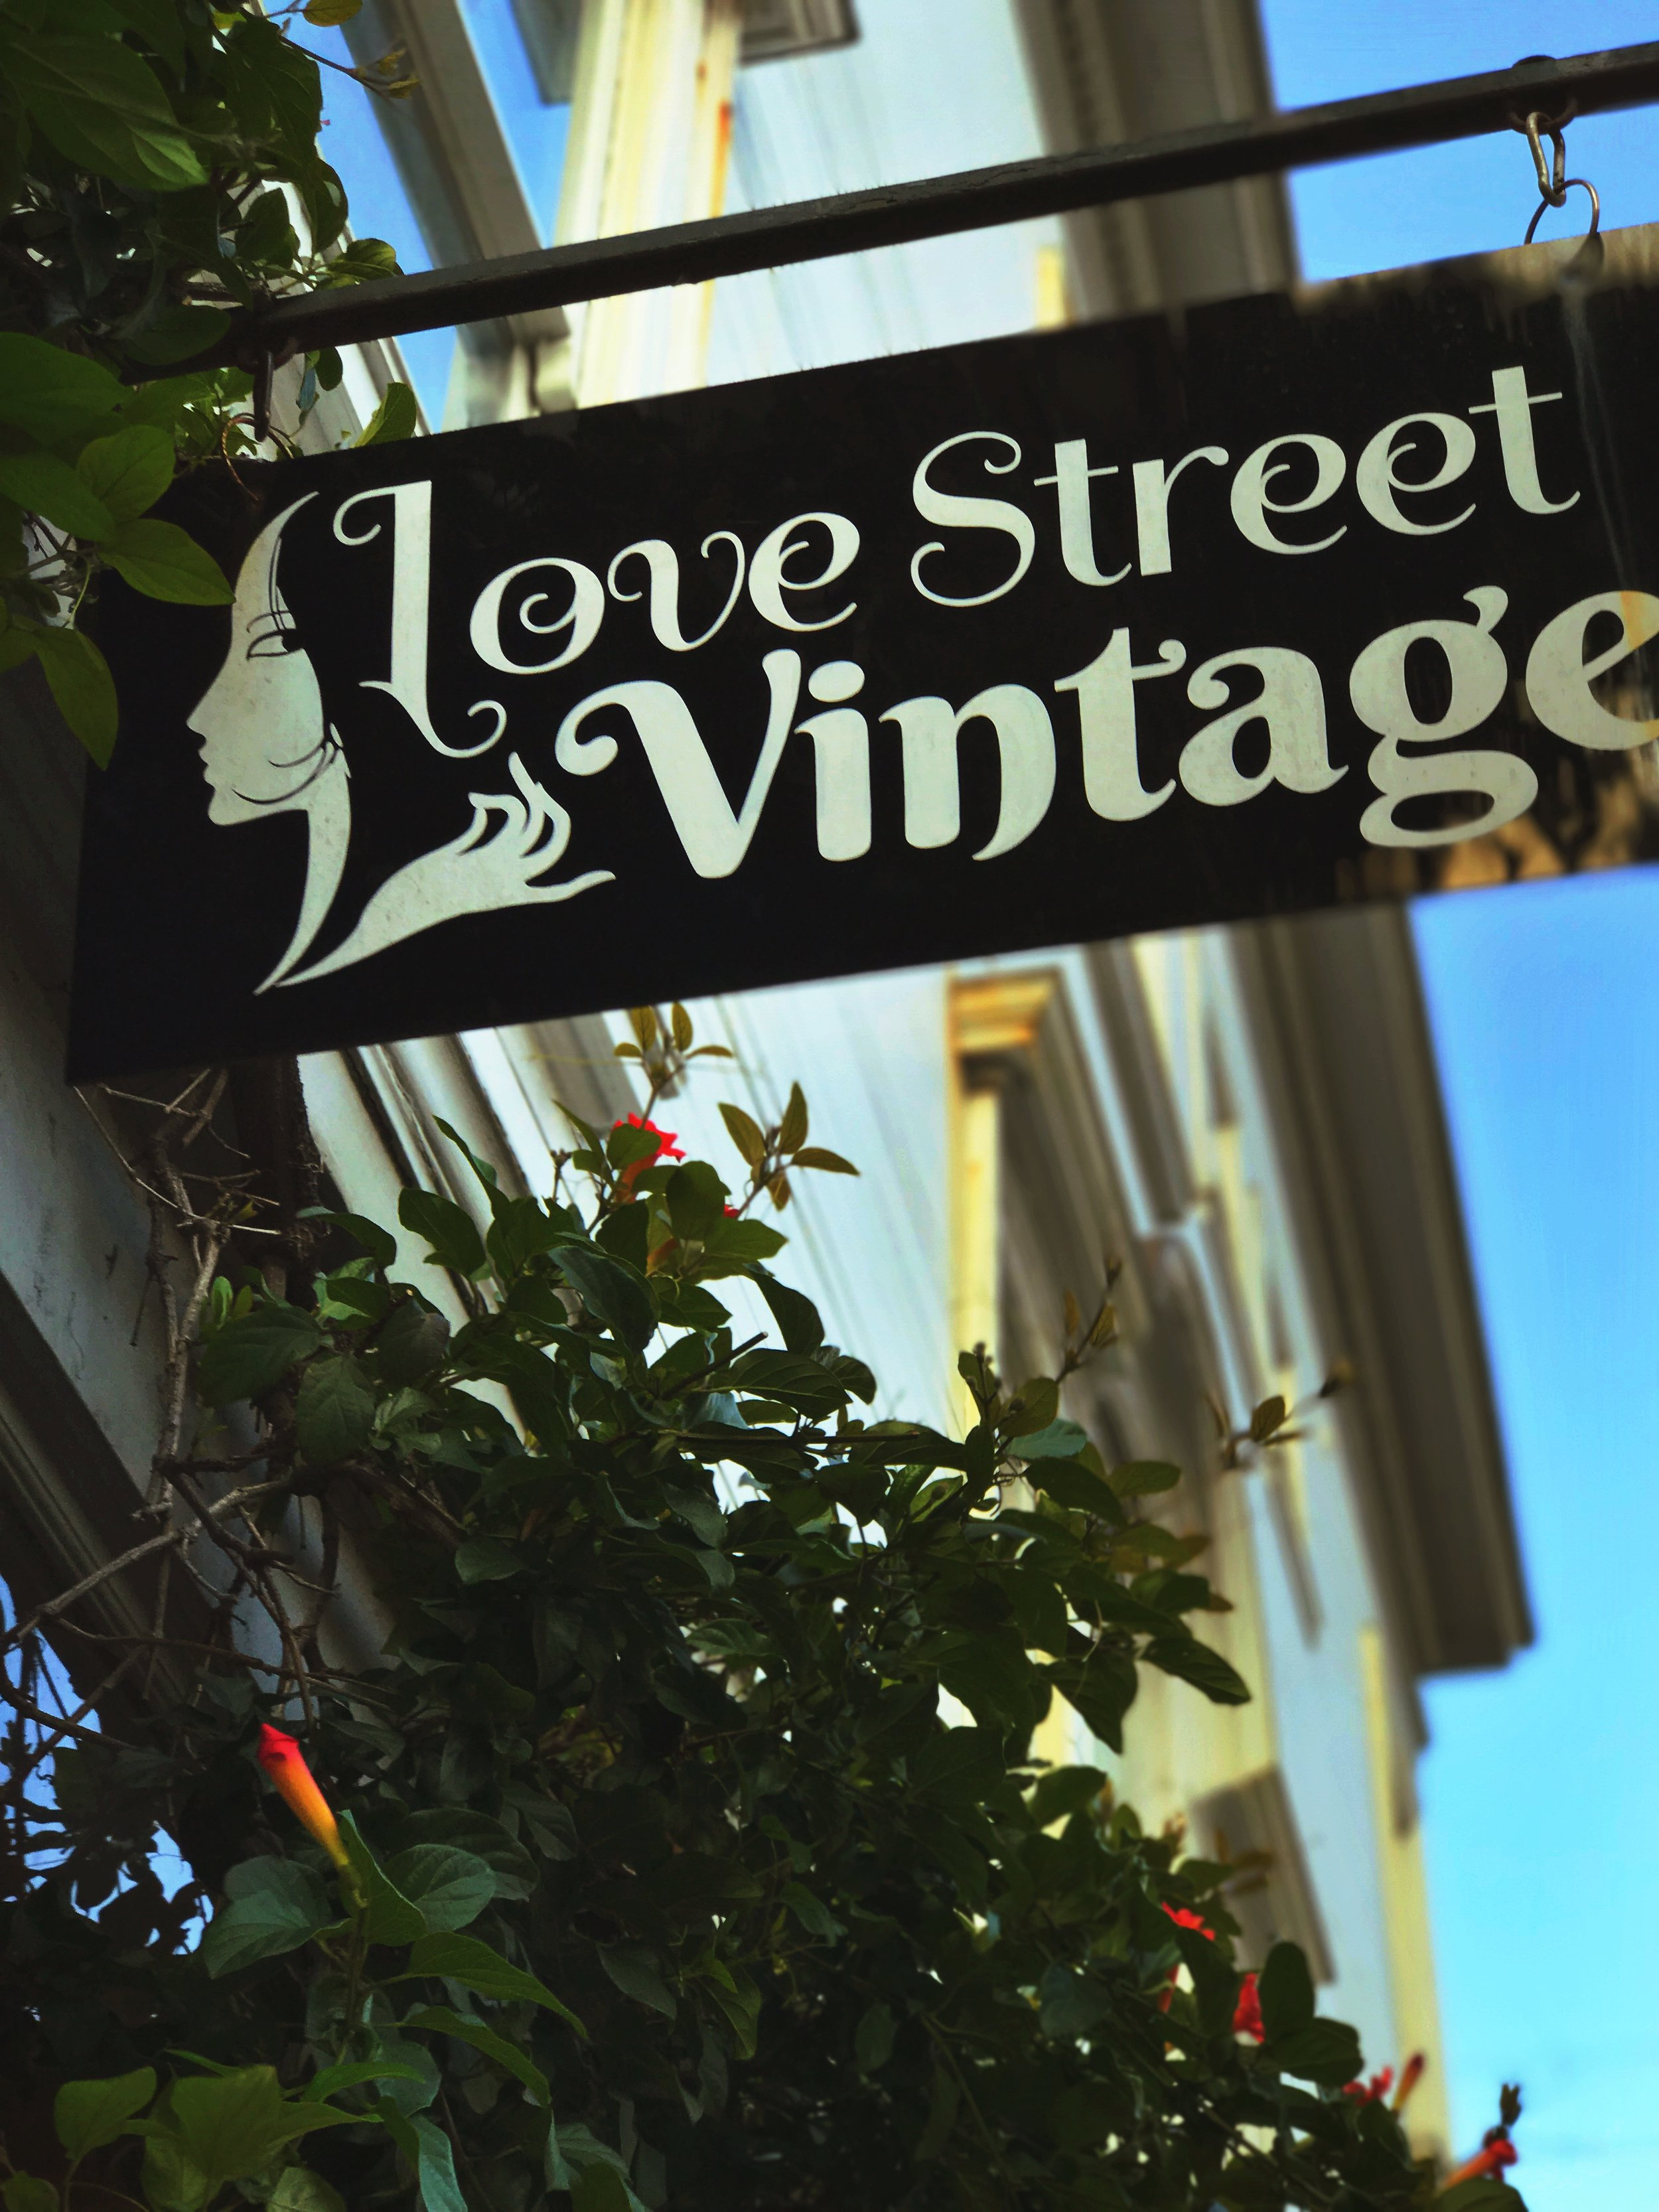 Love Street Vintage